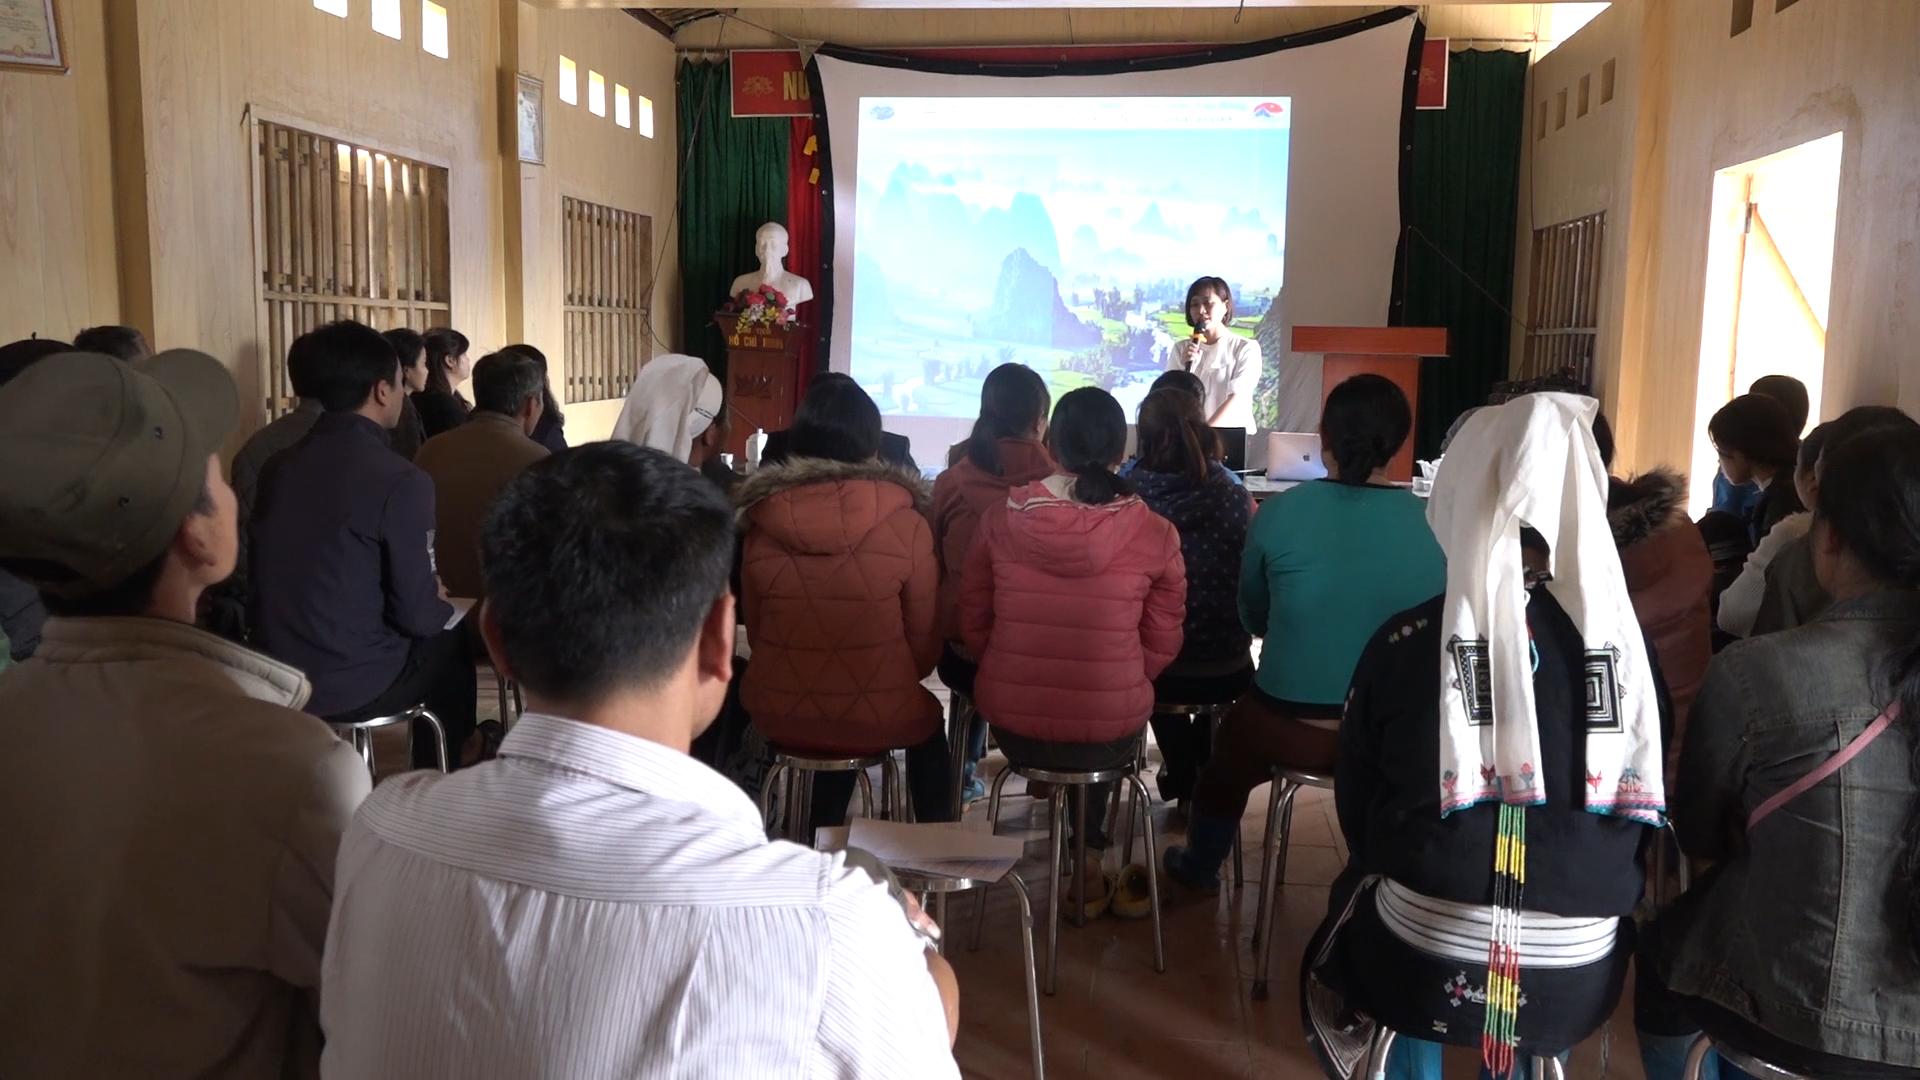 Sở Văn hóa Thể thao và Du lịch tổ chức tập huấn du lịch cộng đồng tại xóm Hoài Khao